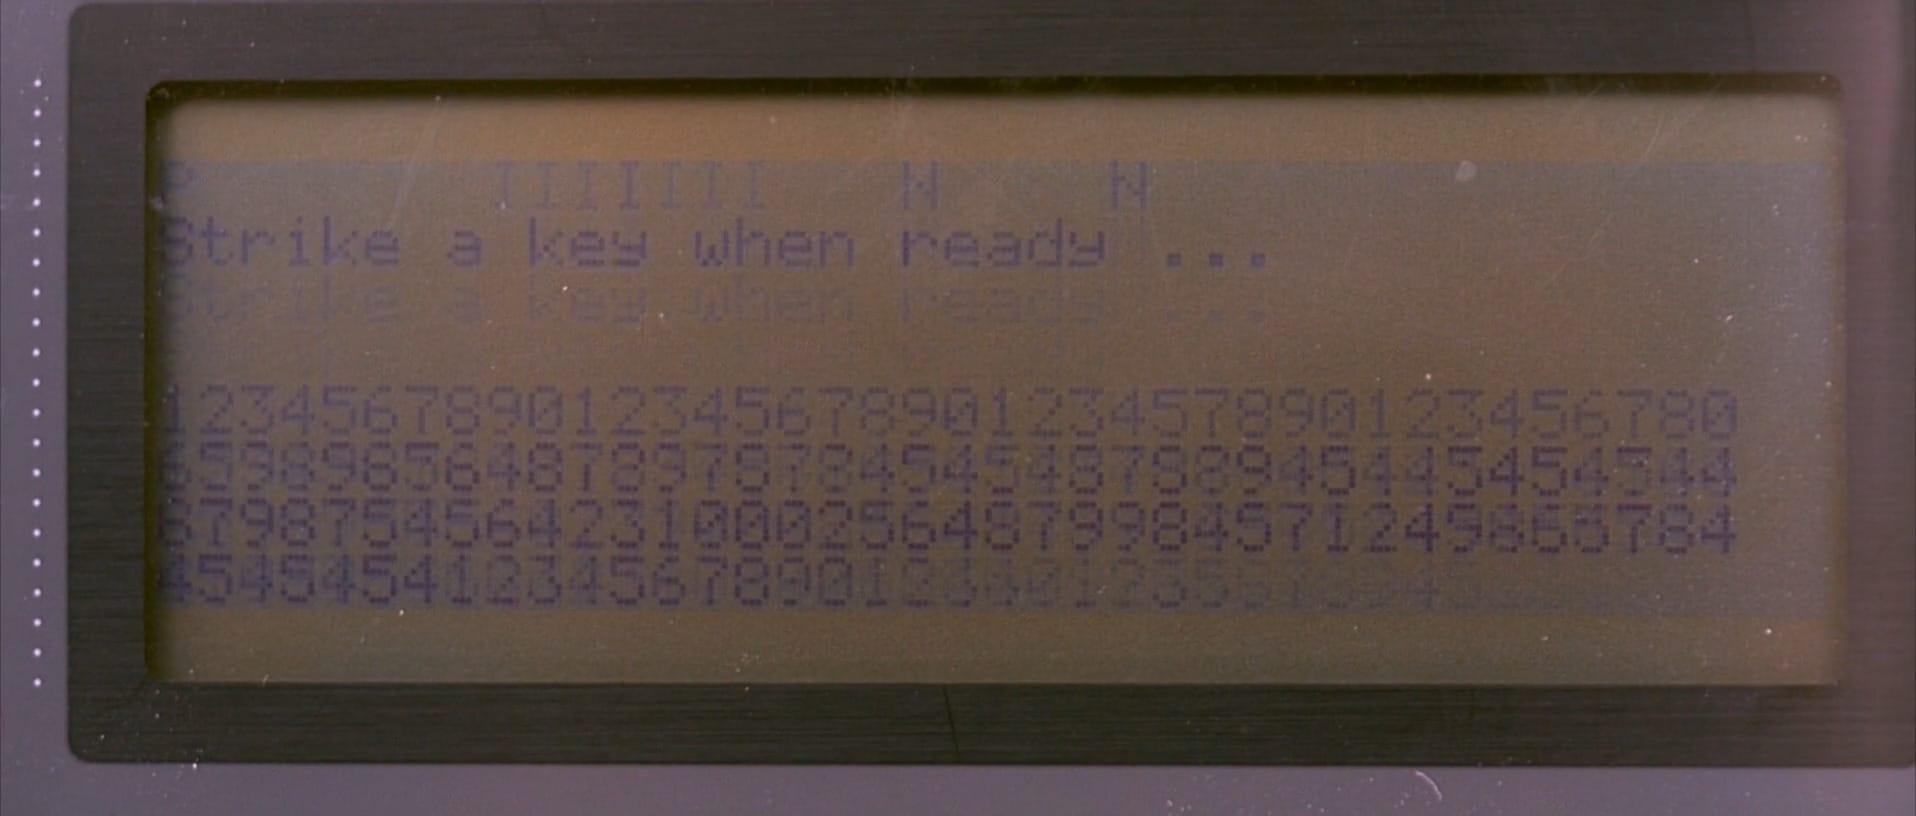 Симулируем сцену подбора PIN из «Терминатора 2» - 5